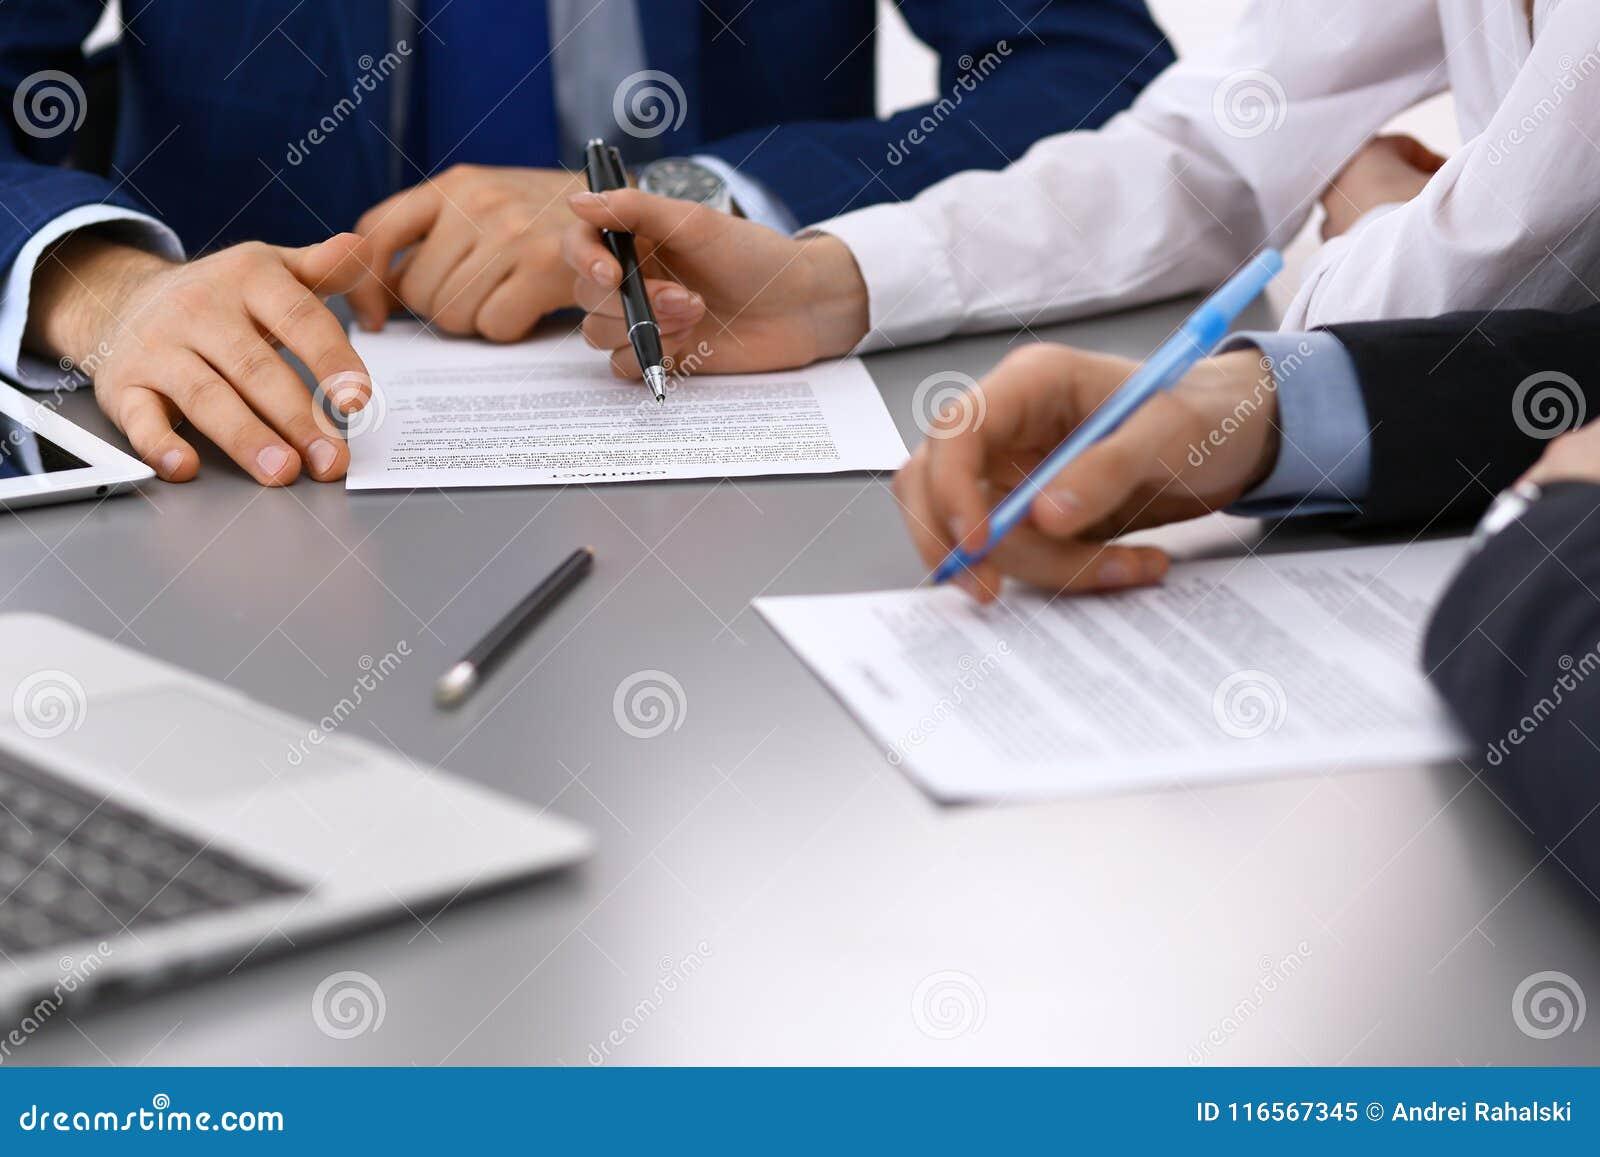 Gruppen av den affärsfolk och advokaten som diskuterar avtalet, skyler över brister sammanträde på tabellen, closeup Affärsmannen